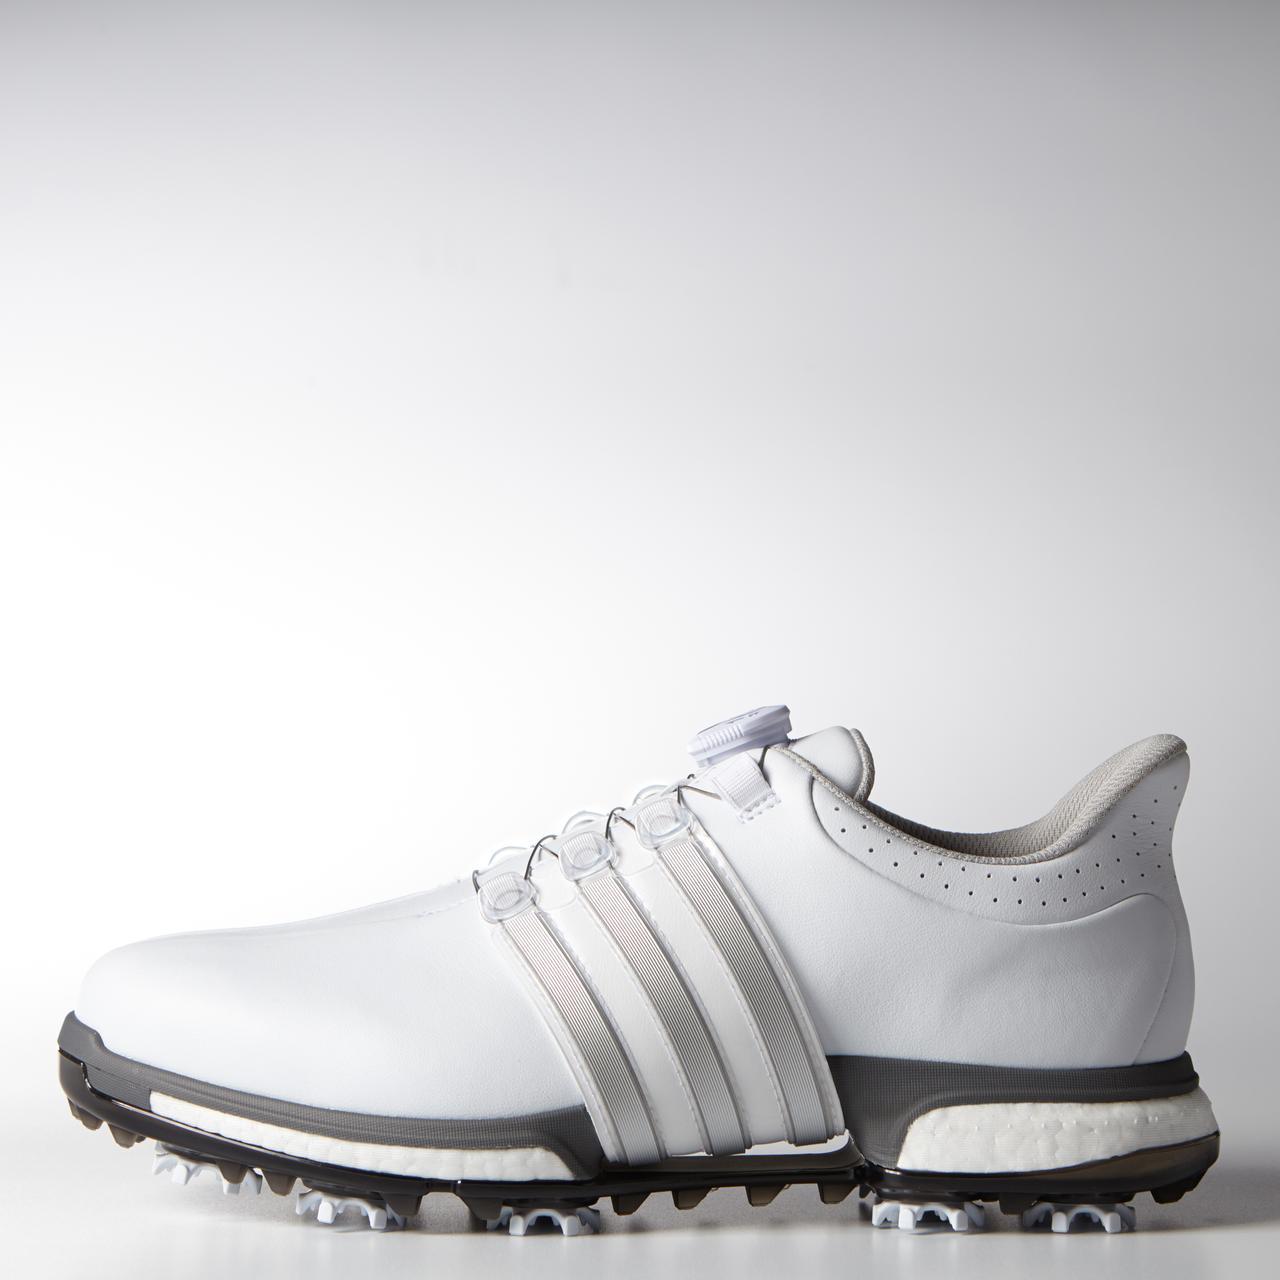 画像: ダスティン・ジョンソンが着用したカラーをプレゼント。ちなみにジョンソンはダイヤル式でなく、日本未発売の普通の靴ひもバージョンを着用